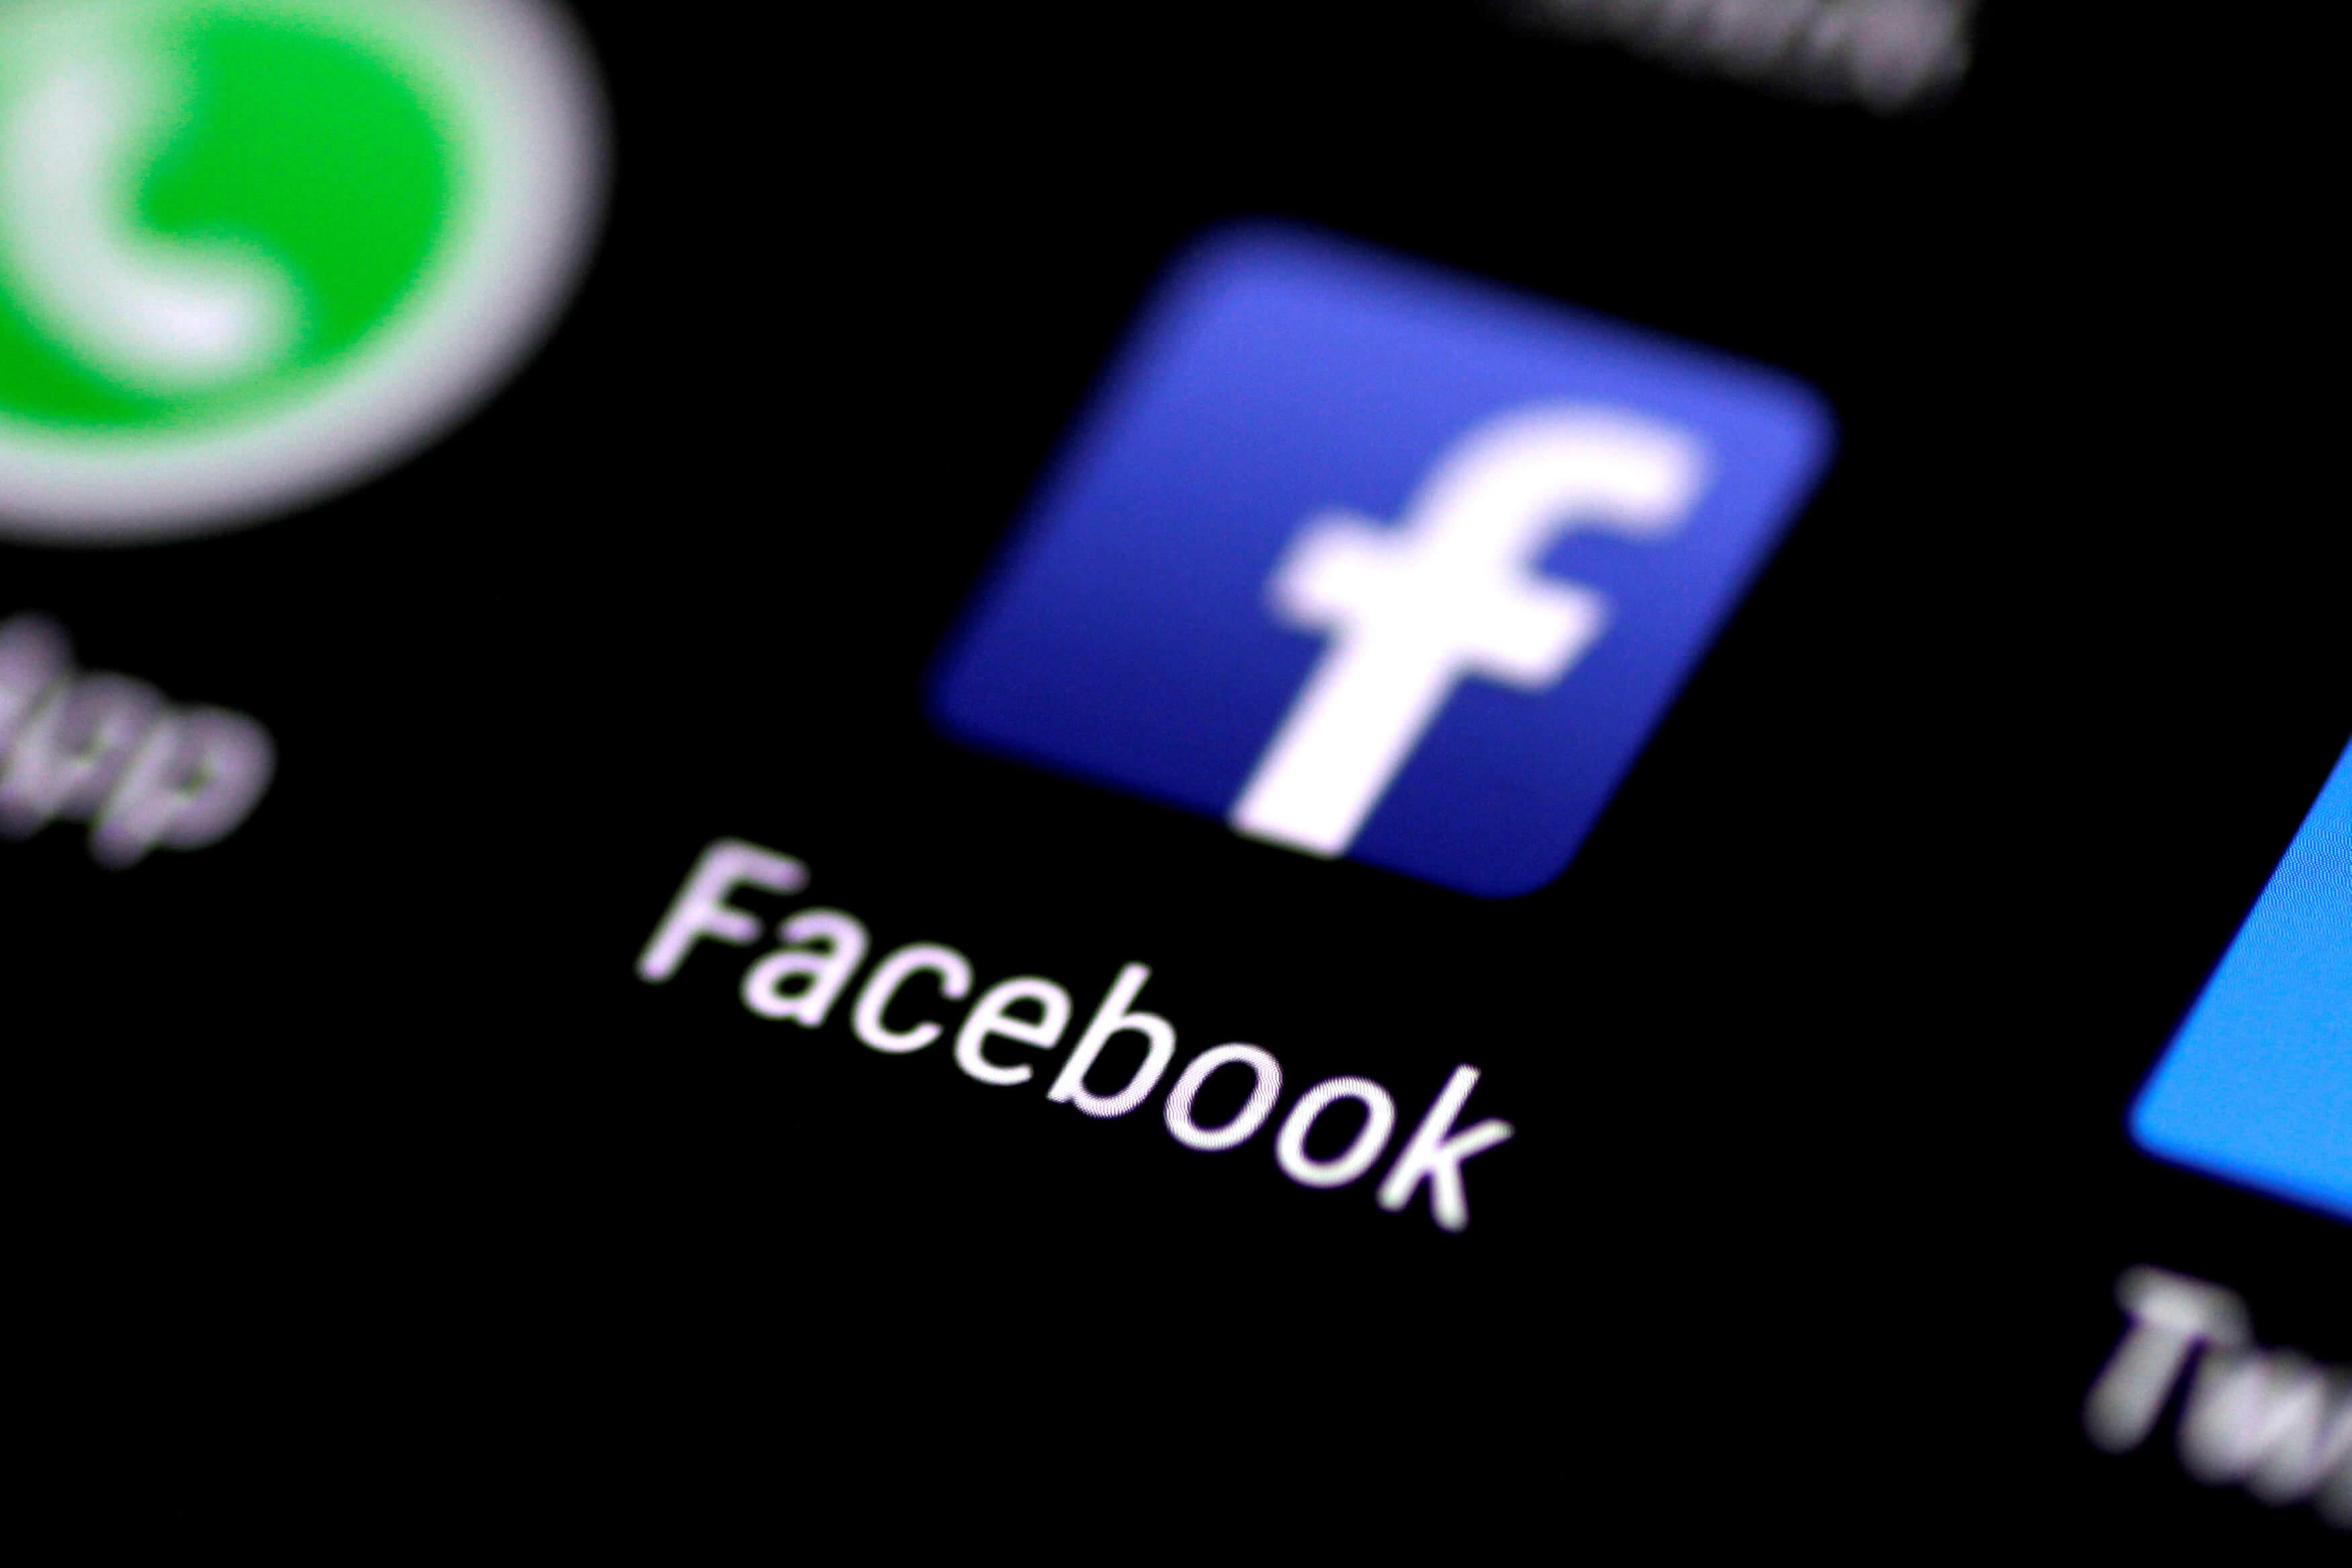 Έπεσε το Facebook!